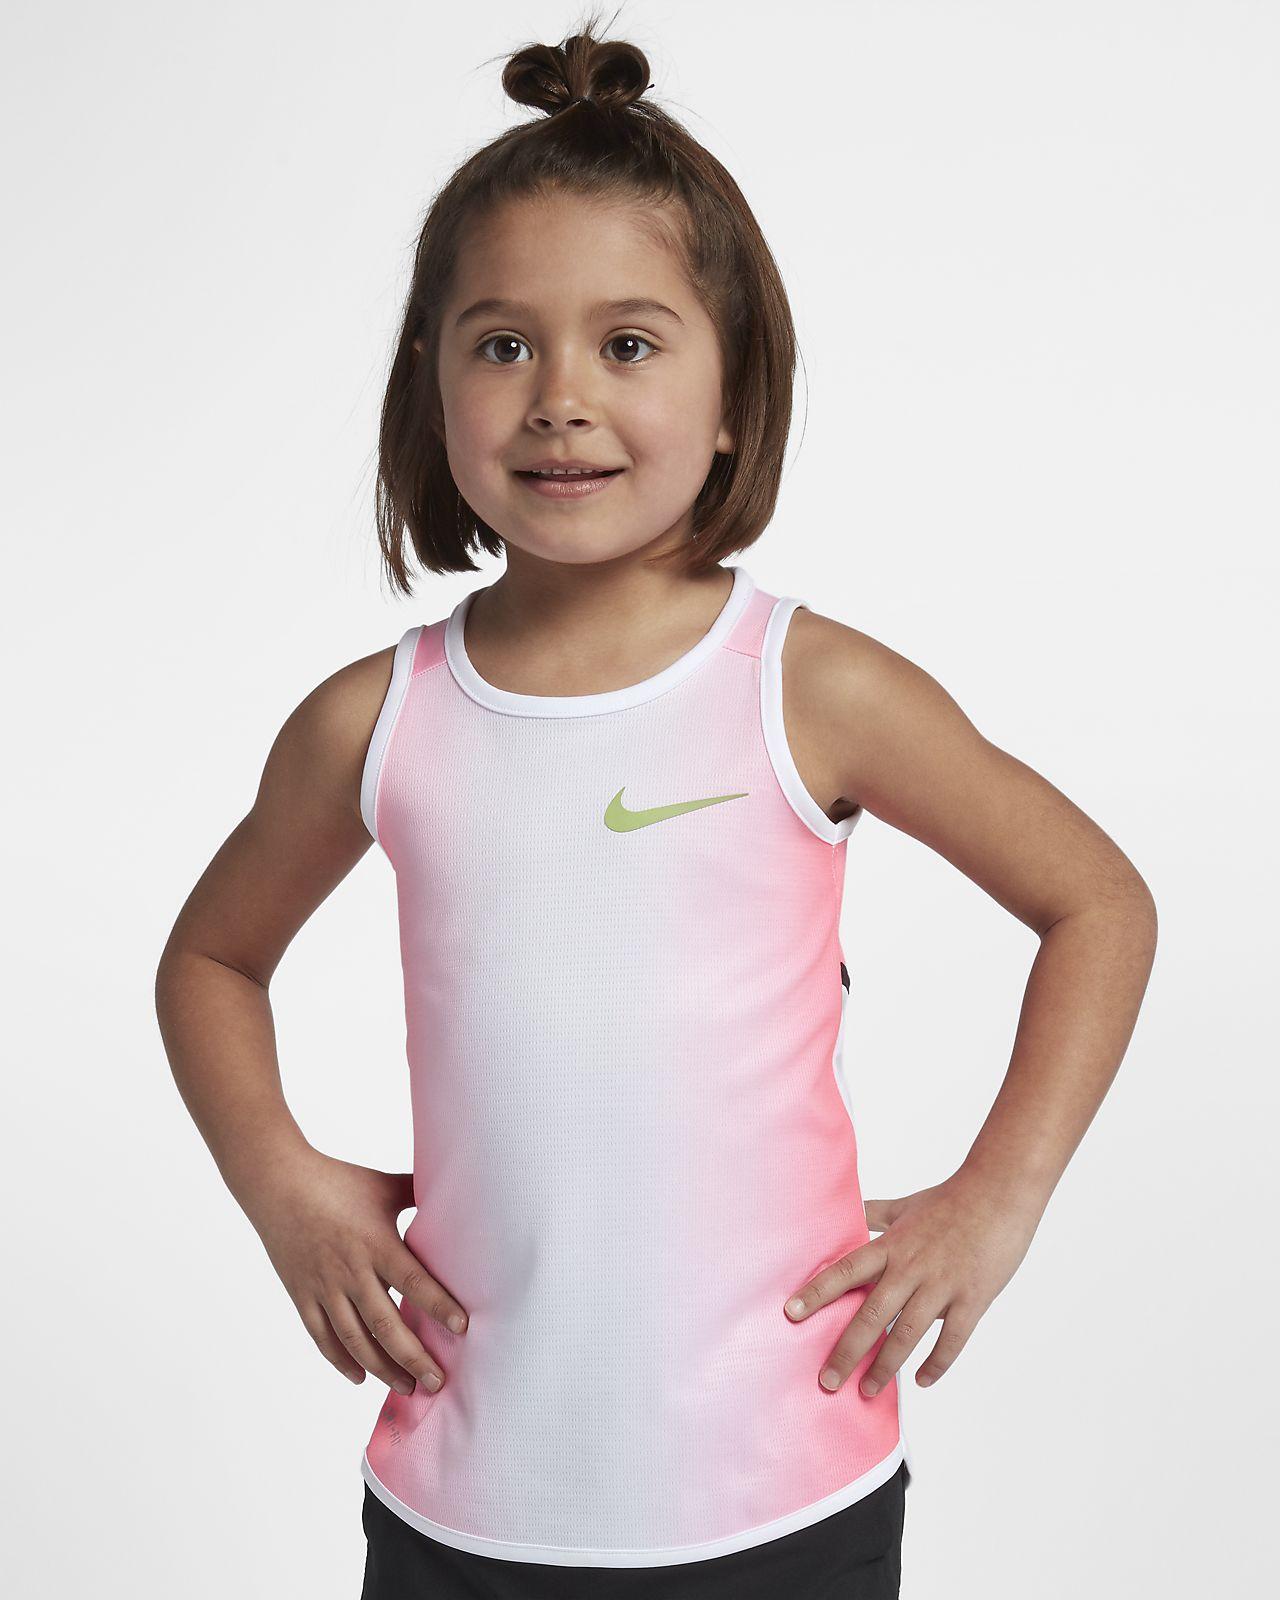 Nike Little Kids' Tank Top